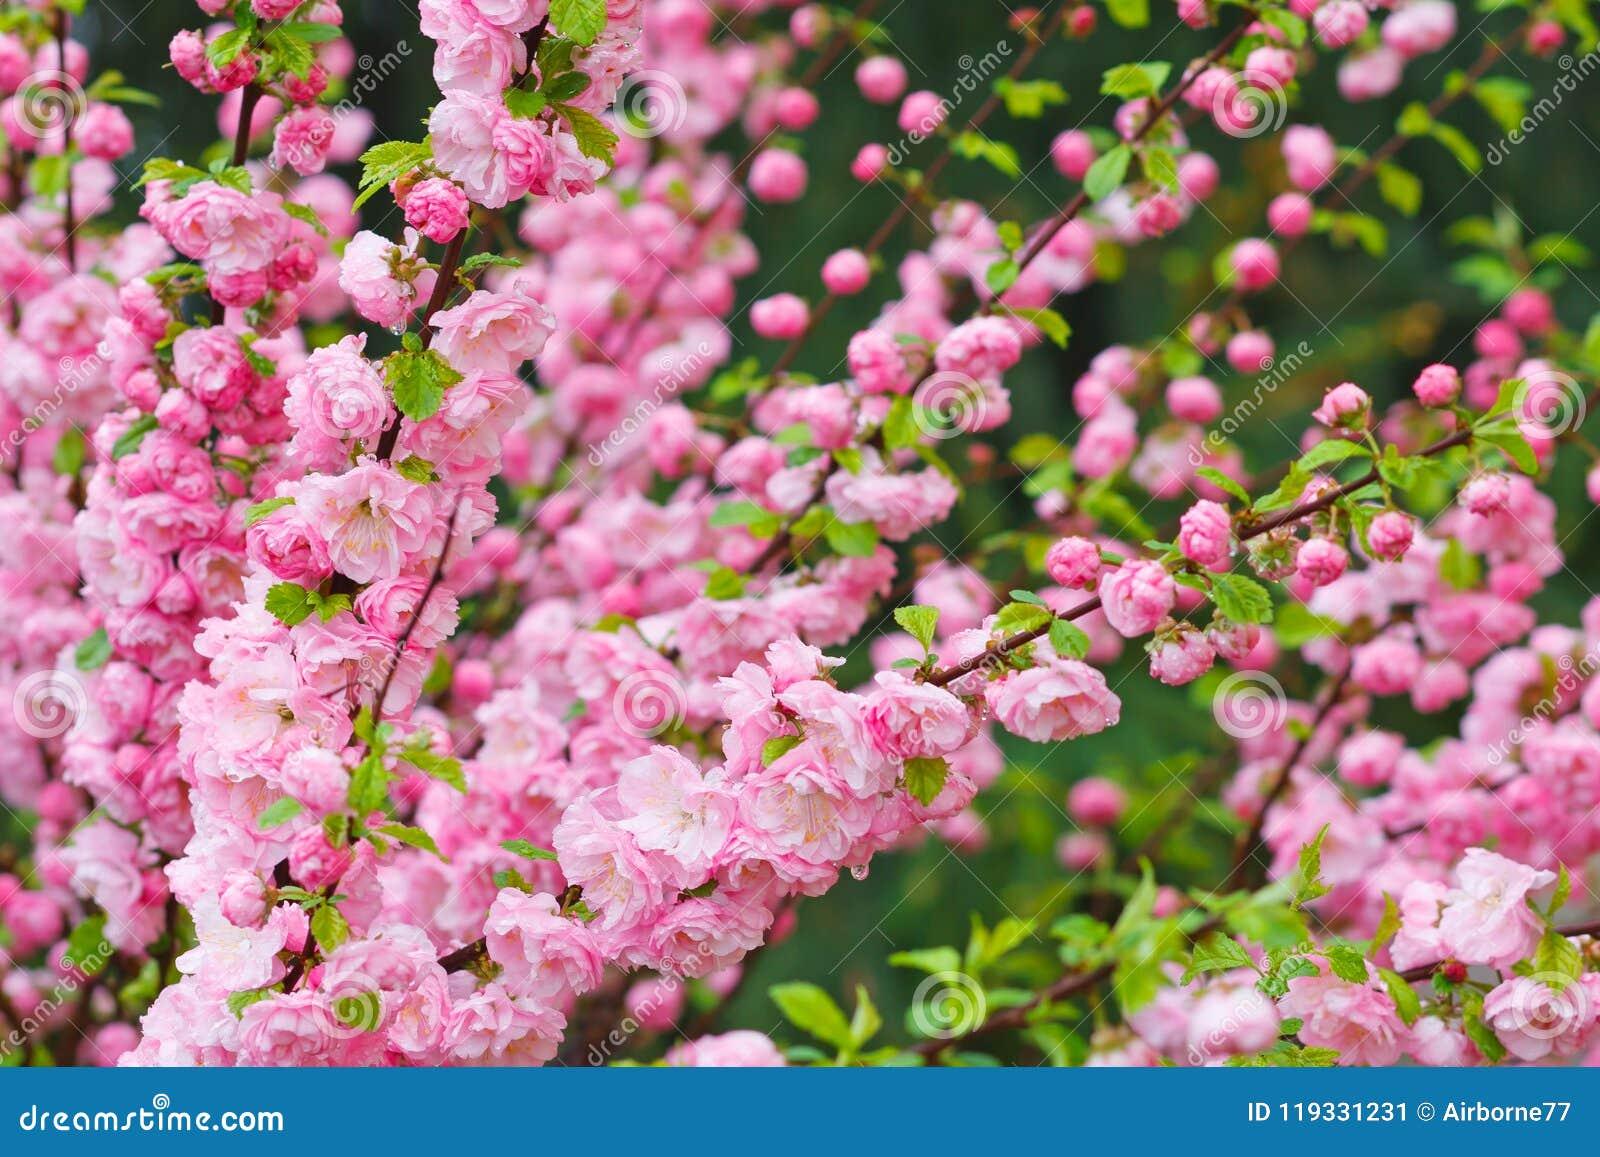 Ramo della mandorla con i bei fiori rosa